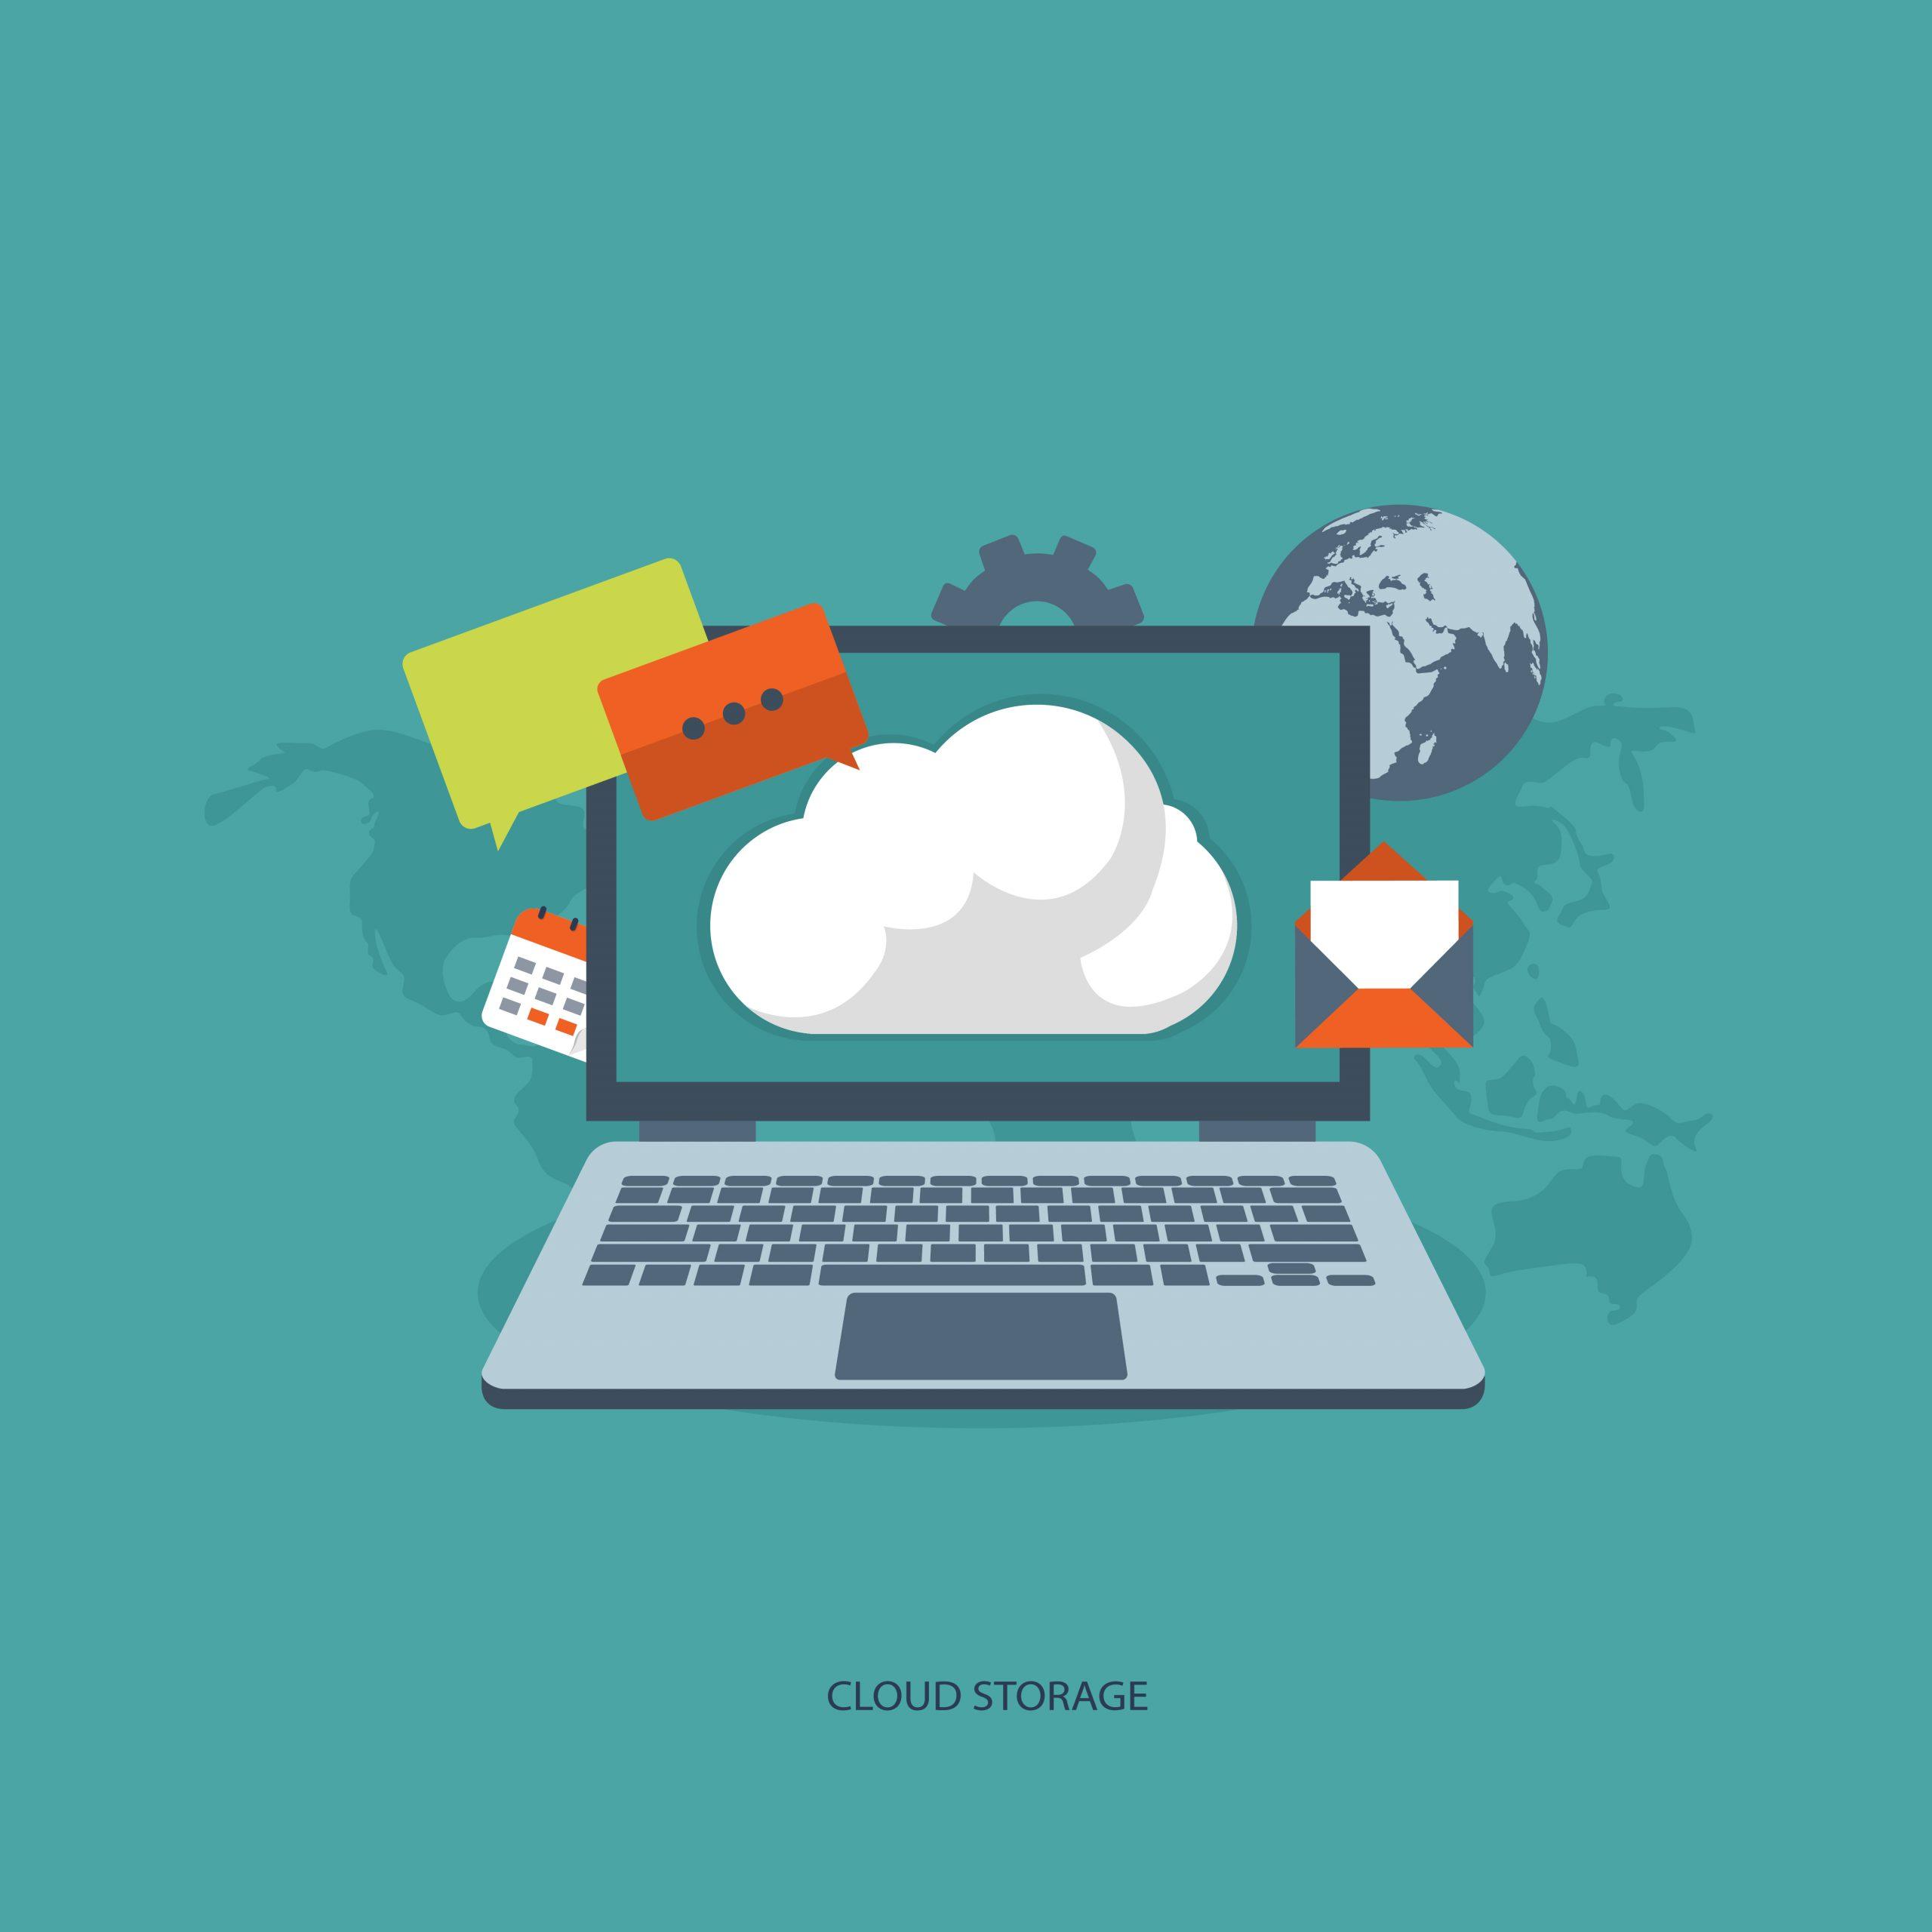 centralino basato sul cloud